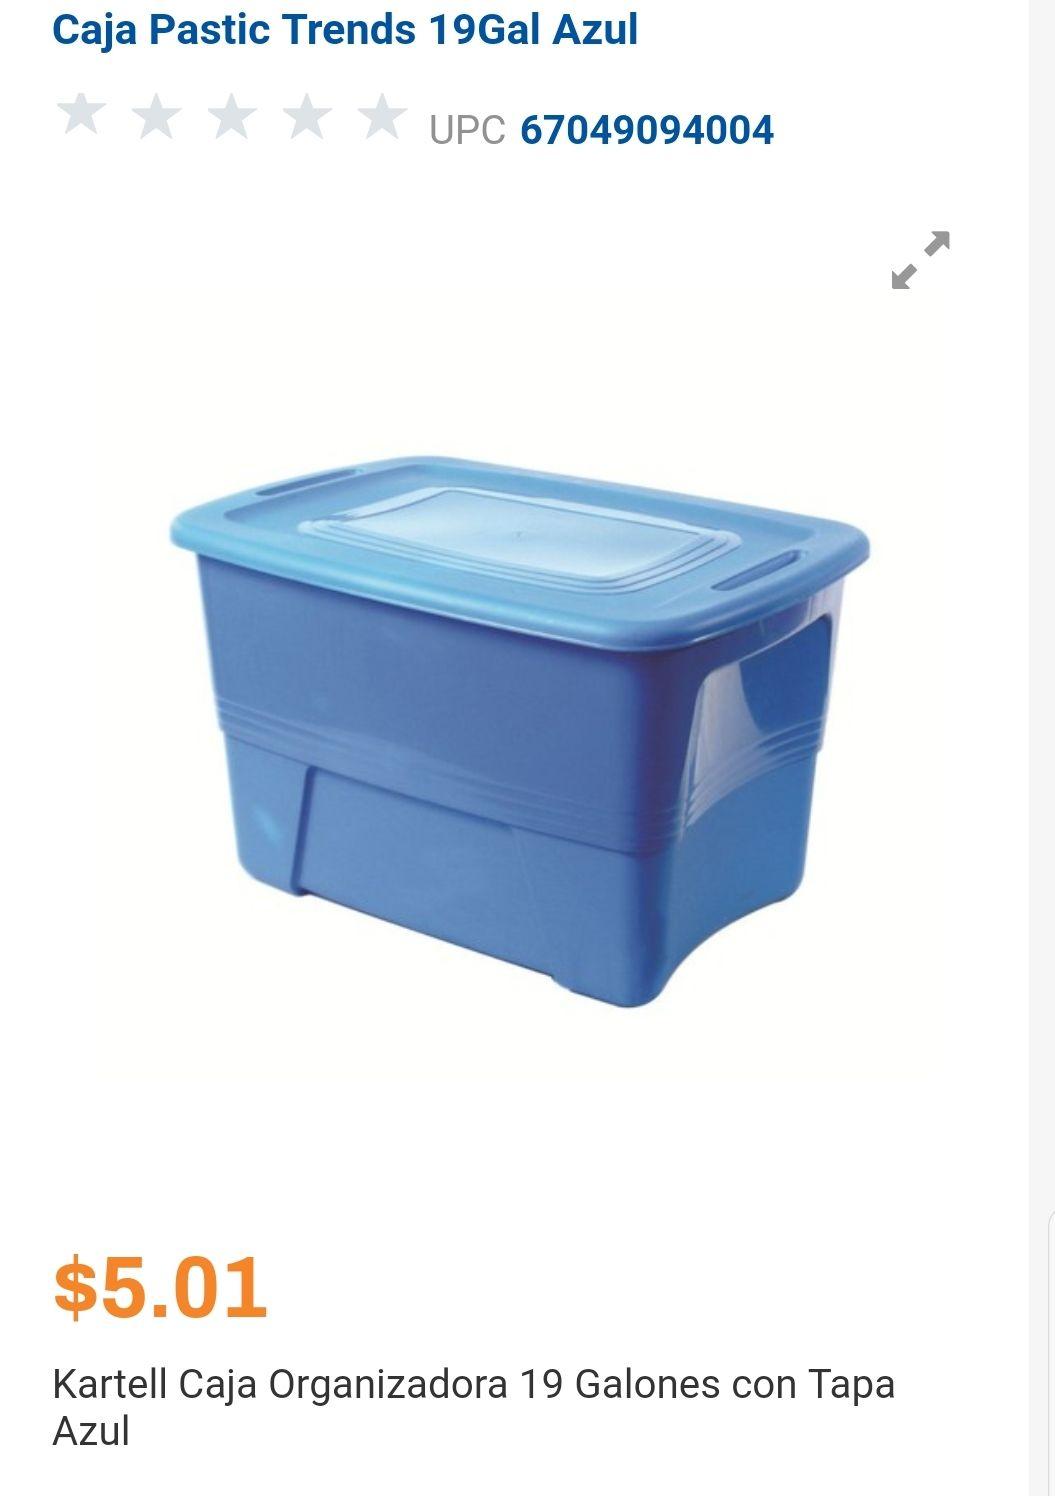 Chedraui- Caja Organizadora 19 galones